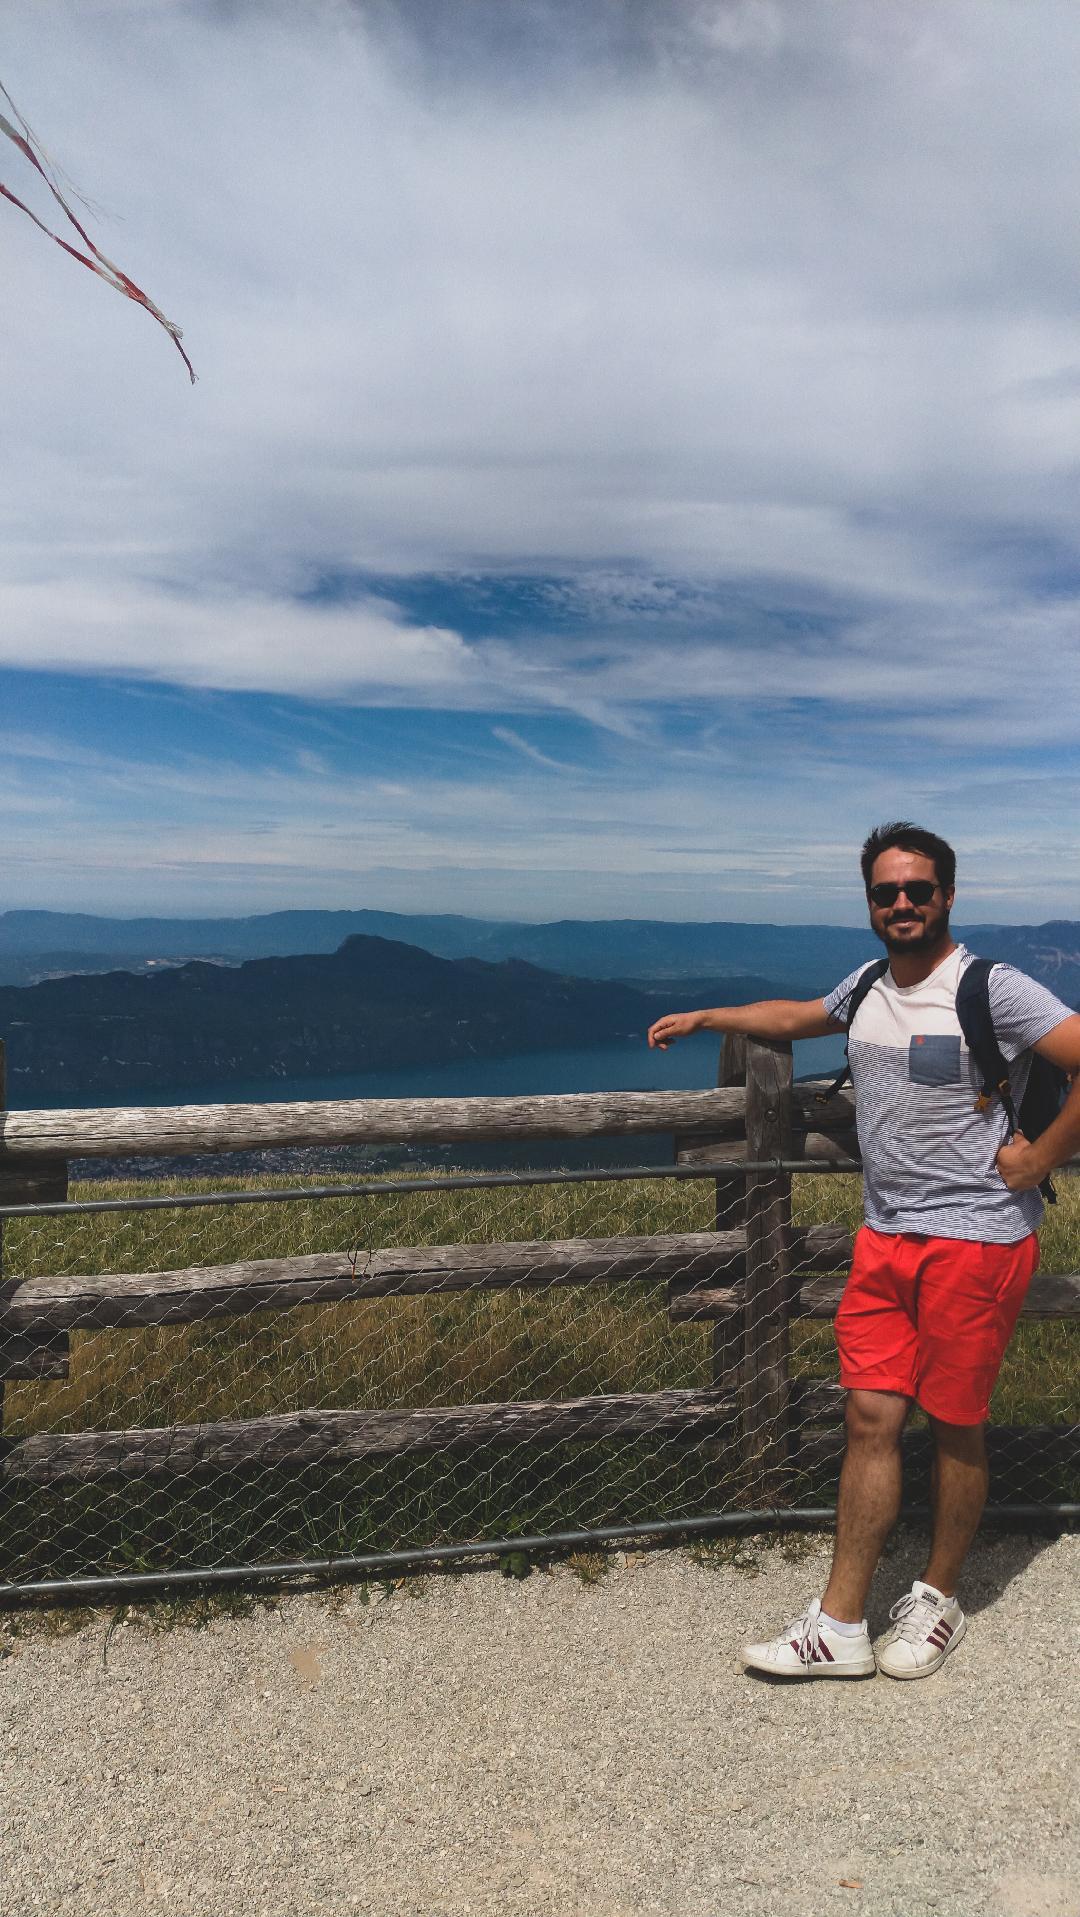 Belevédère du Mont Revard, au dessus du Lac du Bourget